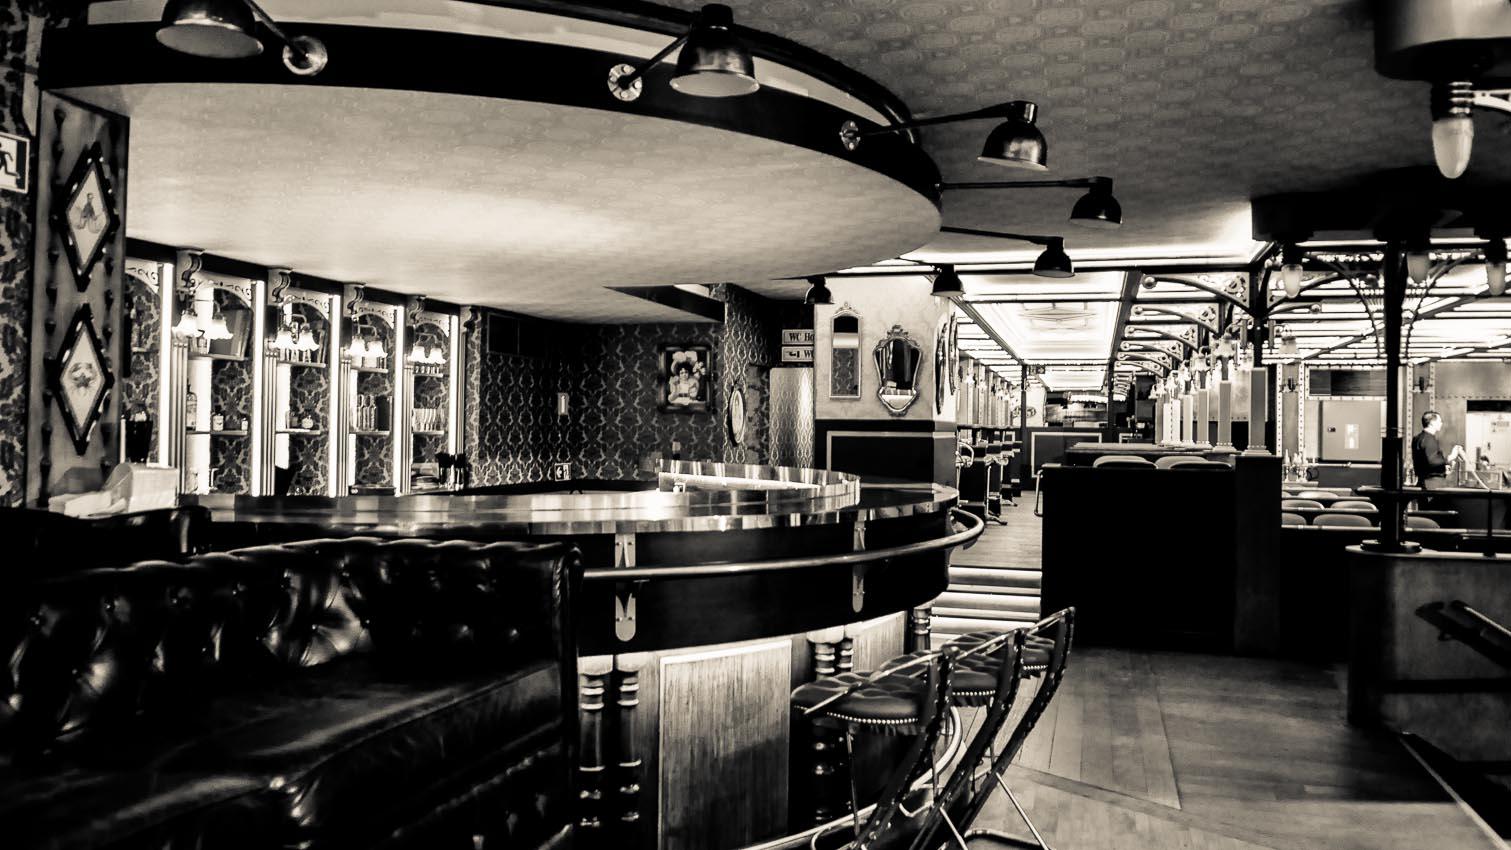 33-cafe-bar-resto-nightclub-decors-film-cinema-photo-belgium-bruxelles